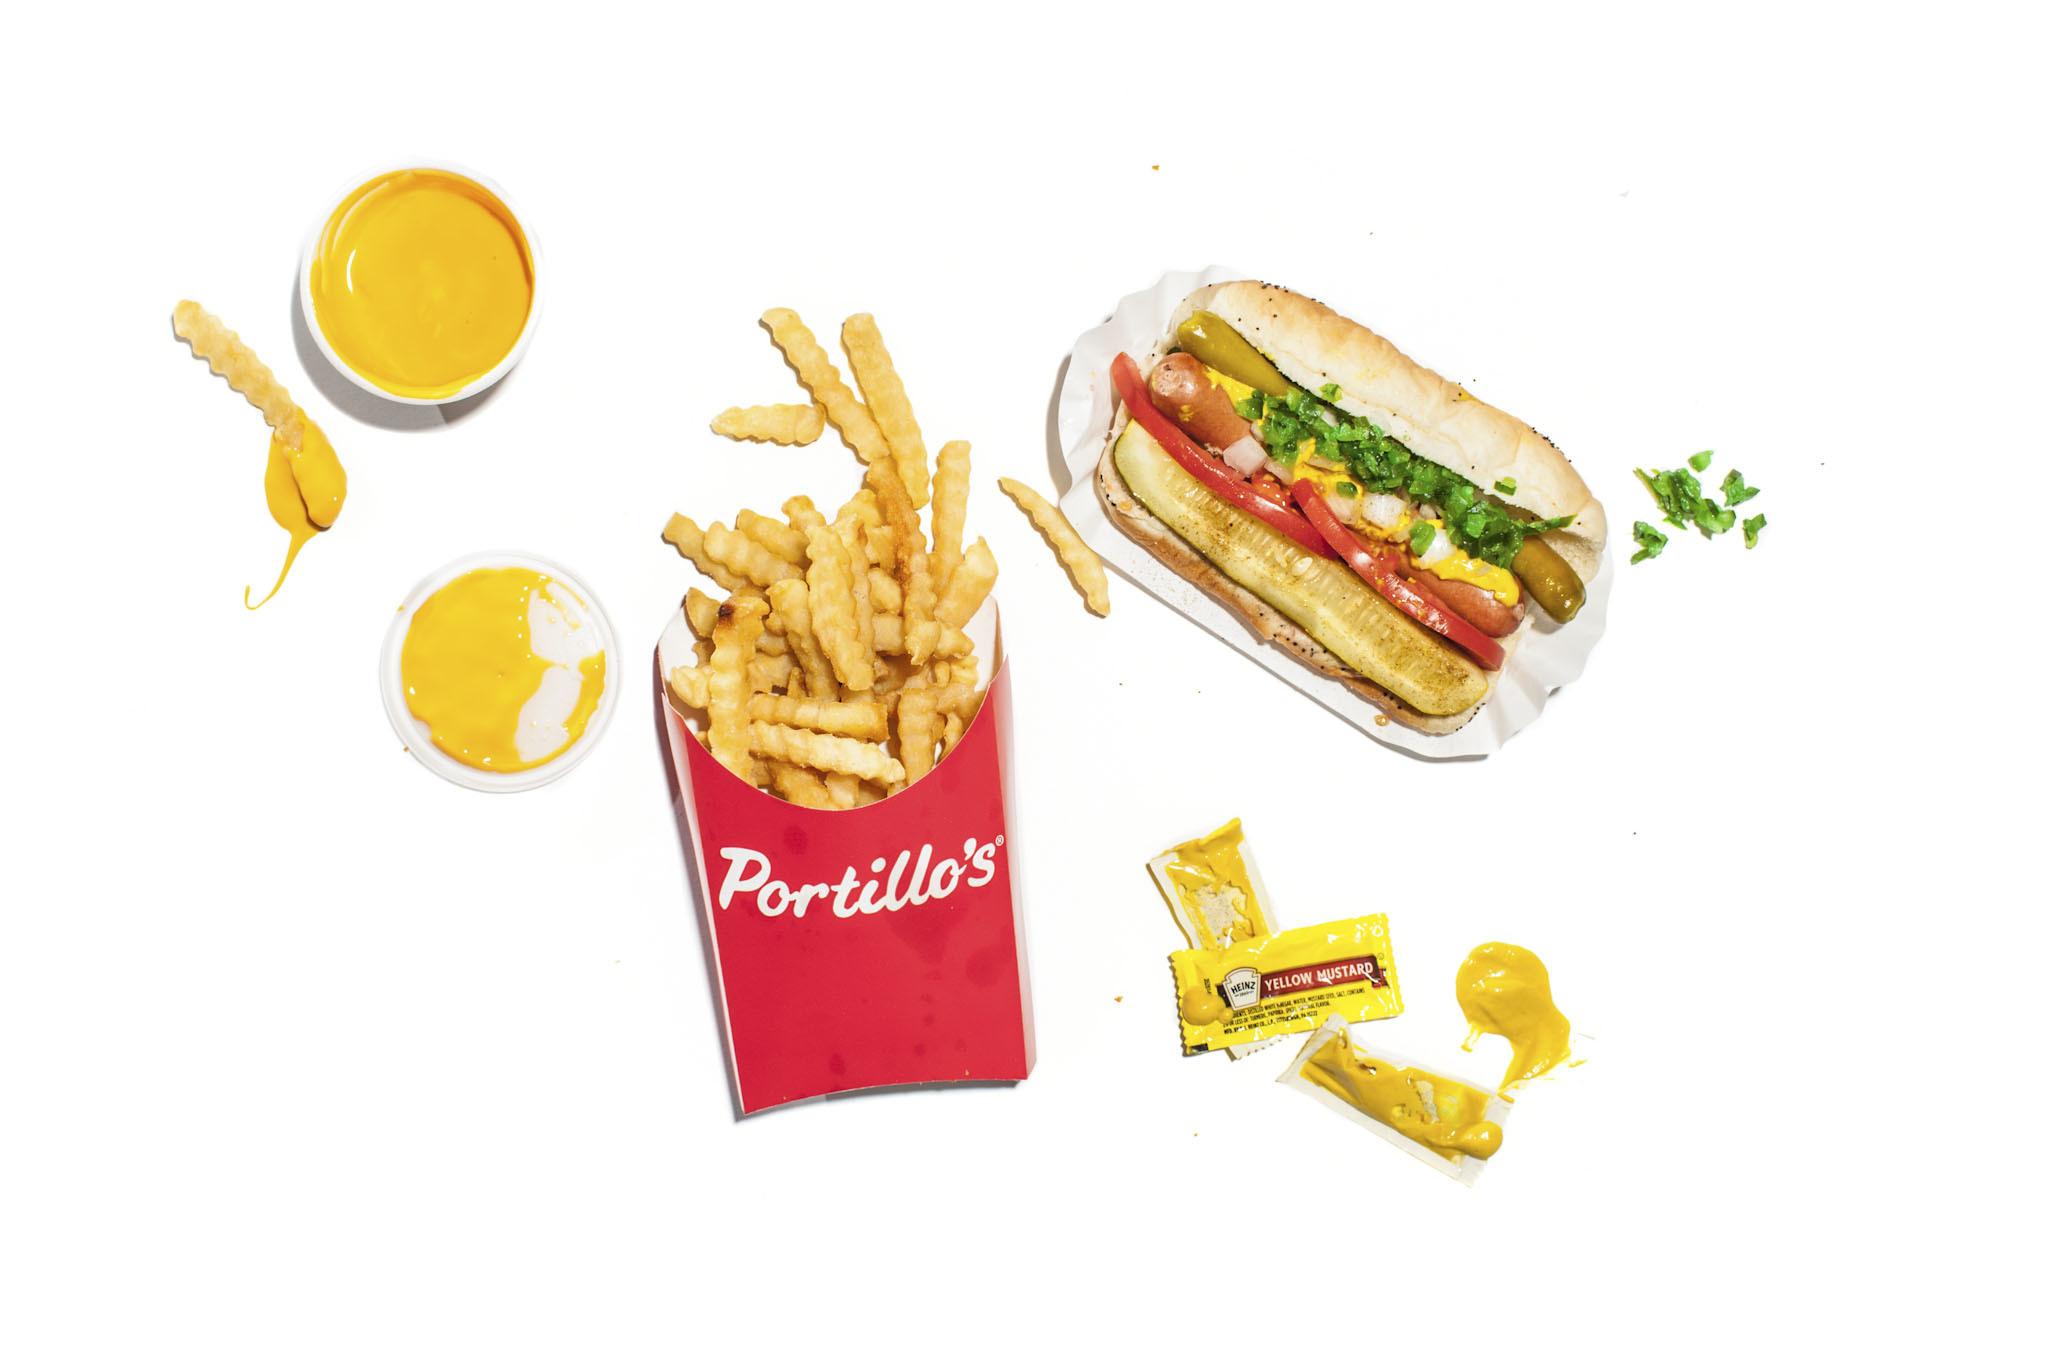 Hot dog at Portillo's